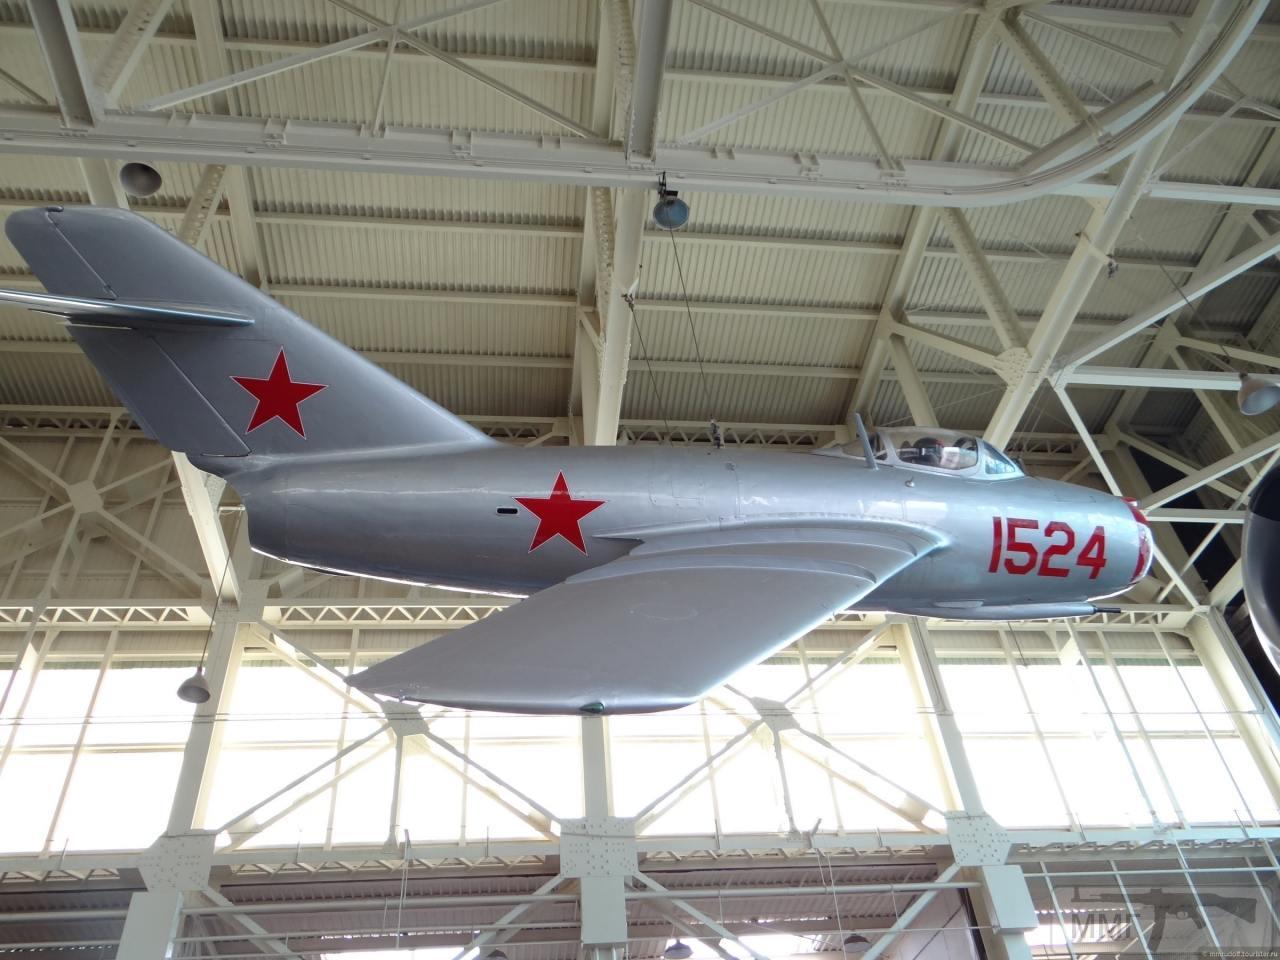 31995 - Тихоокеанский музей авиации «Пёрл-Харбор», Гонолулу